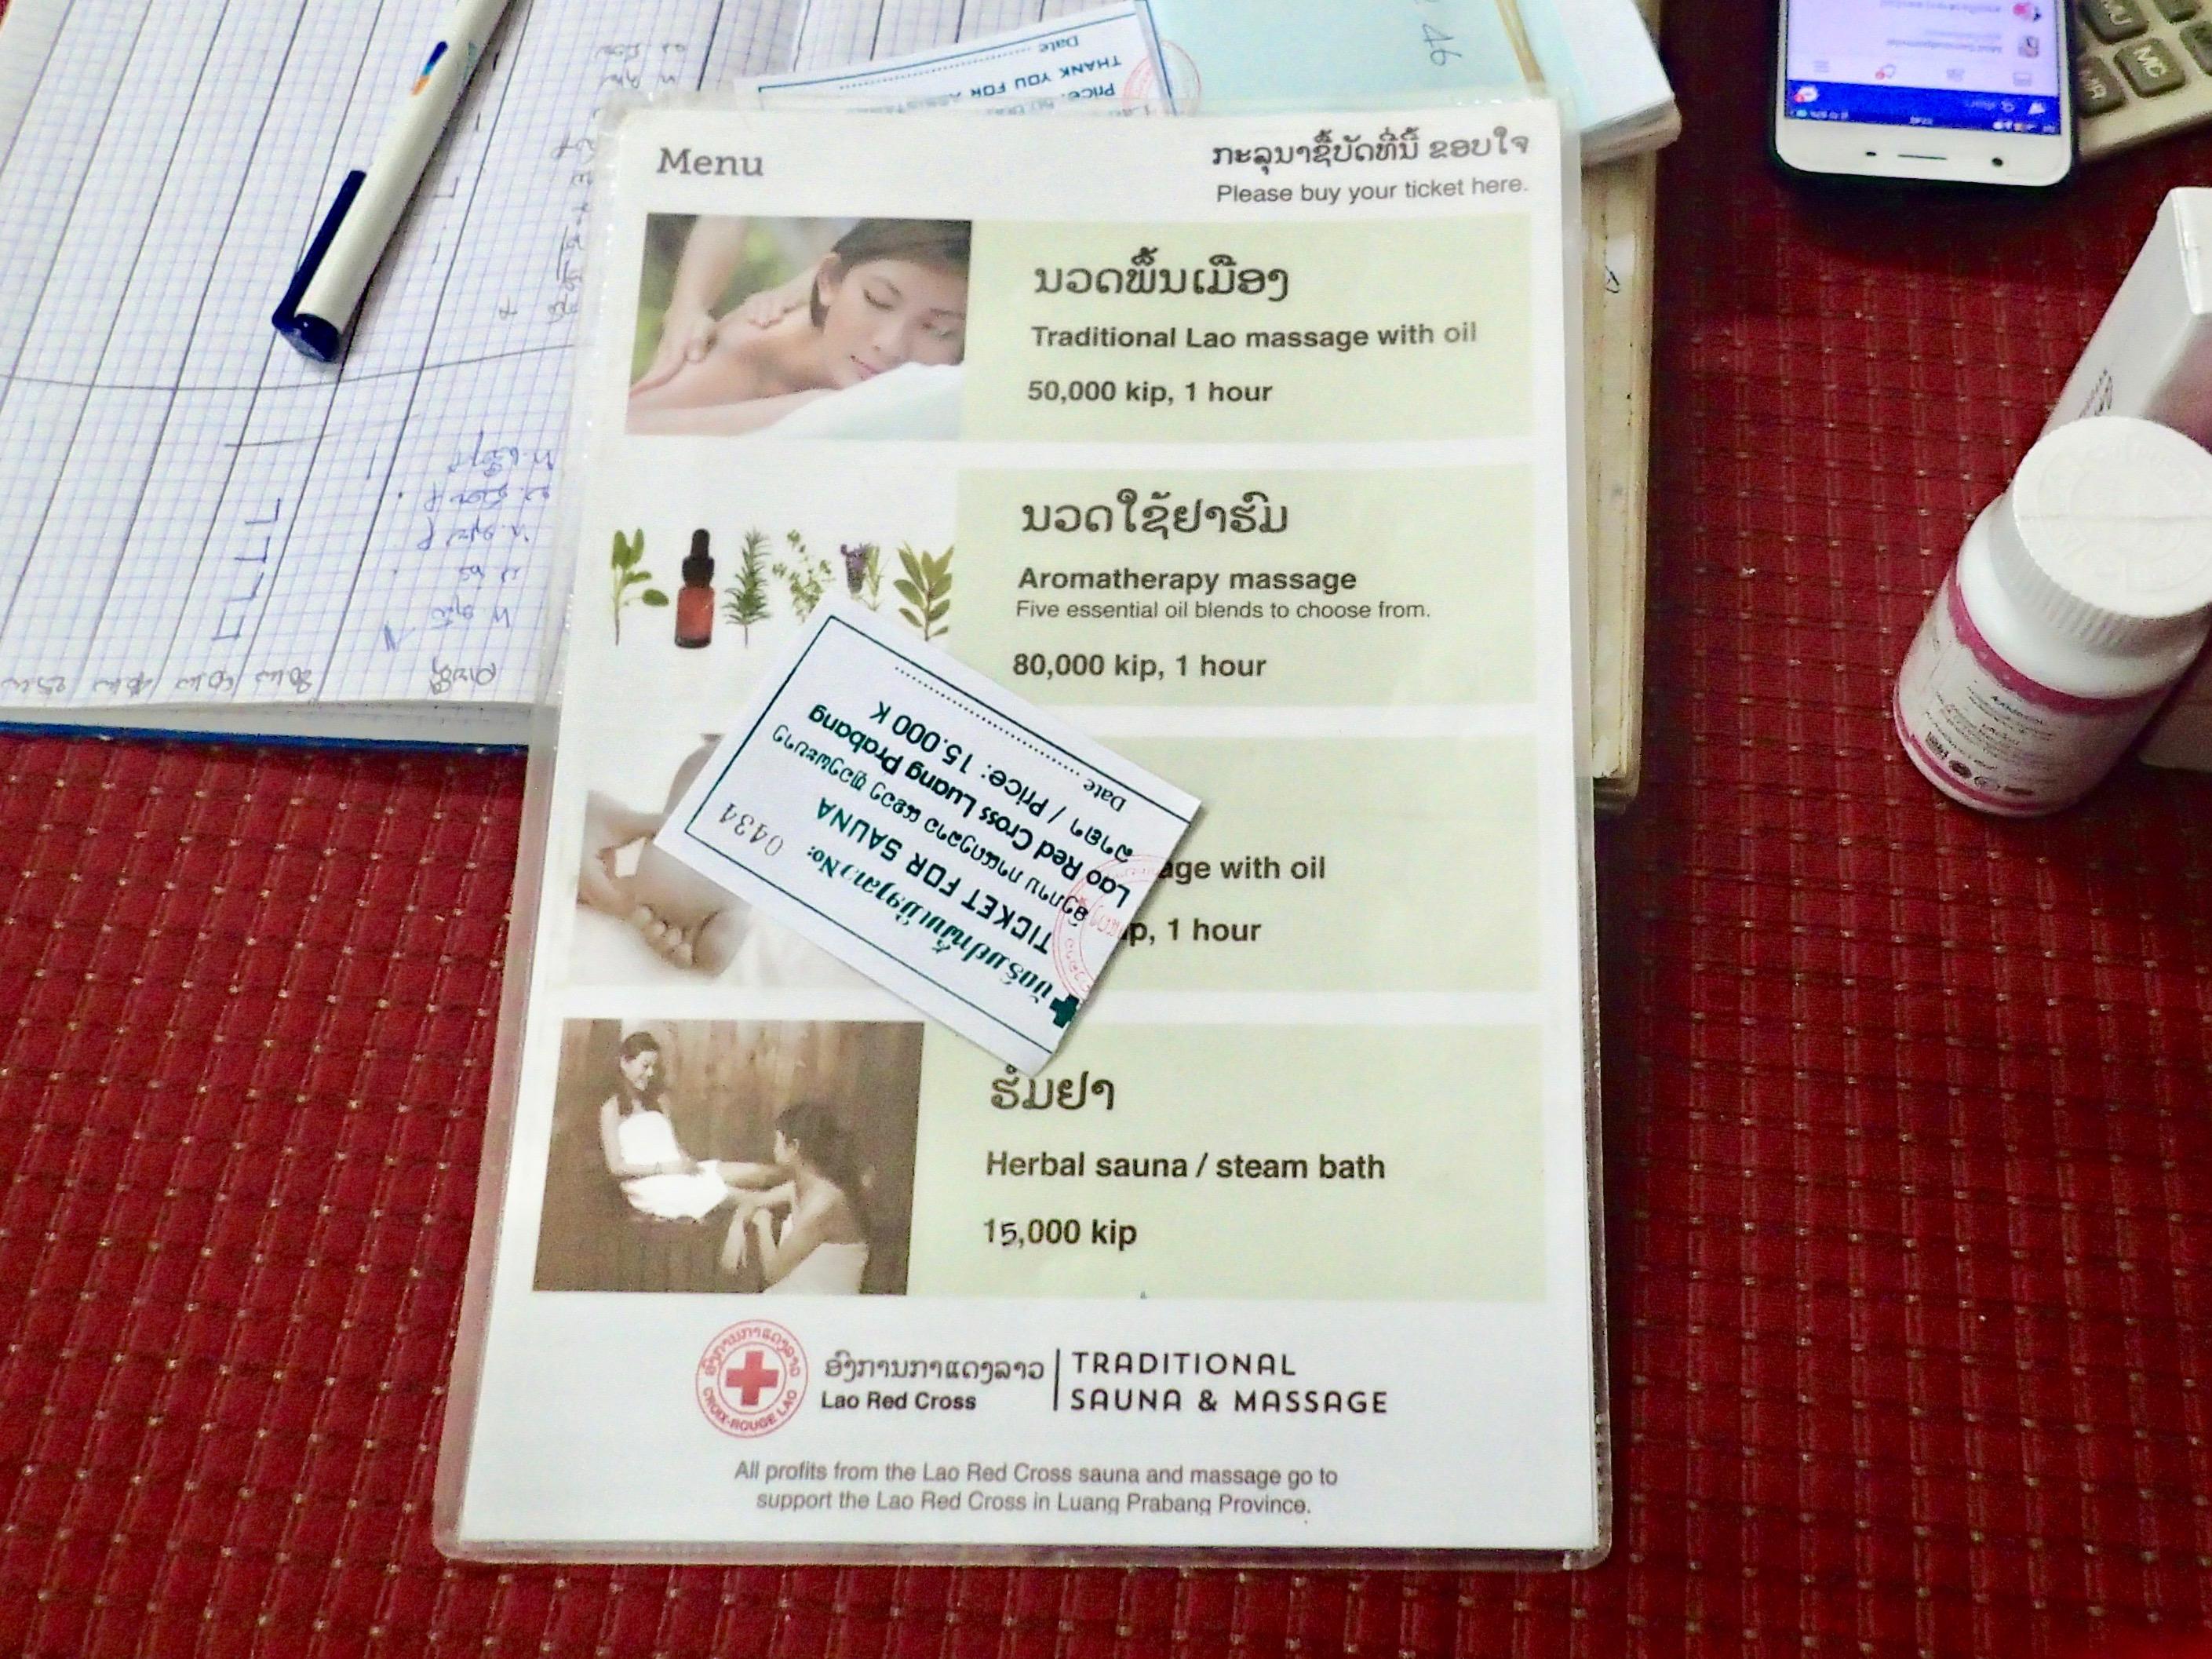 Lao Red Cross menu